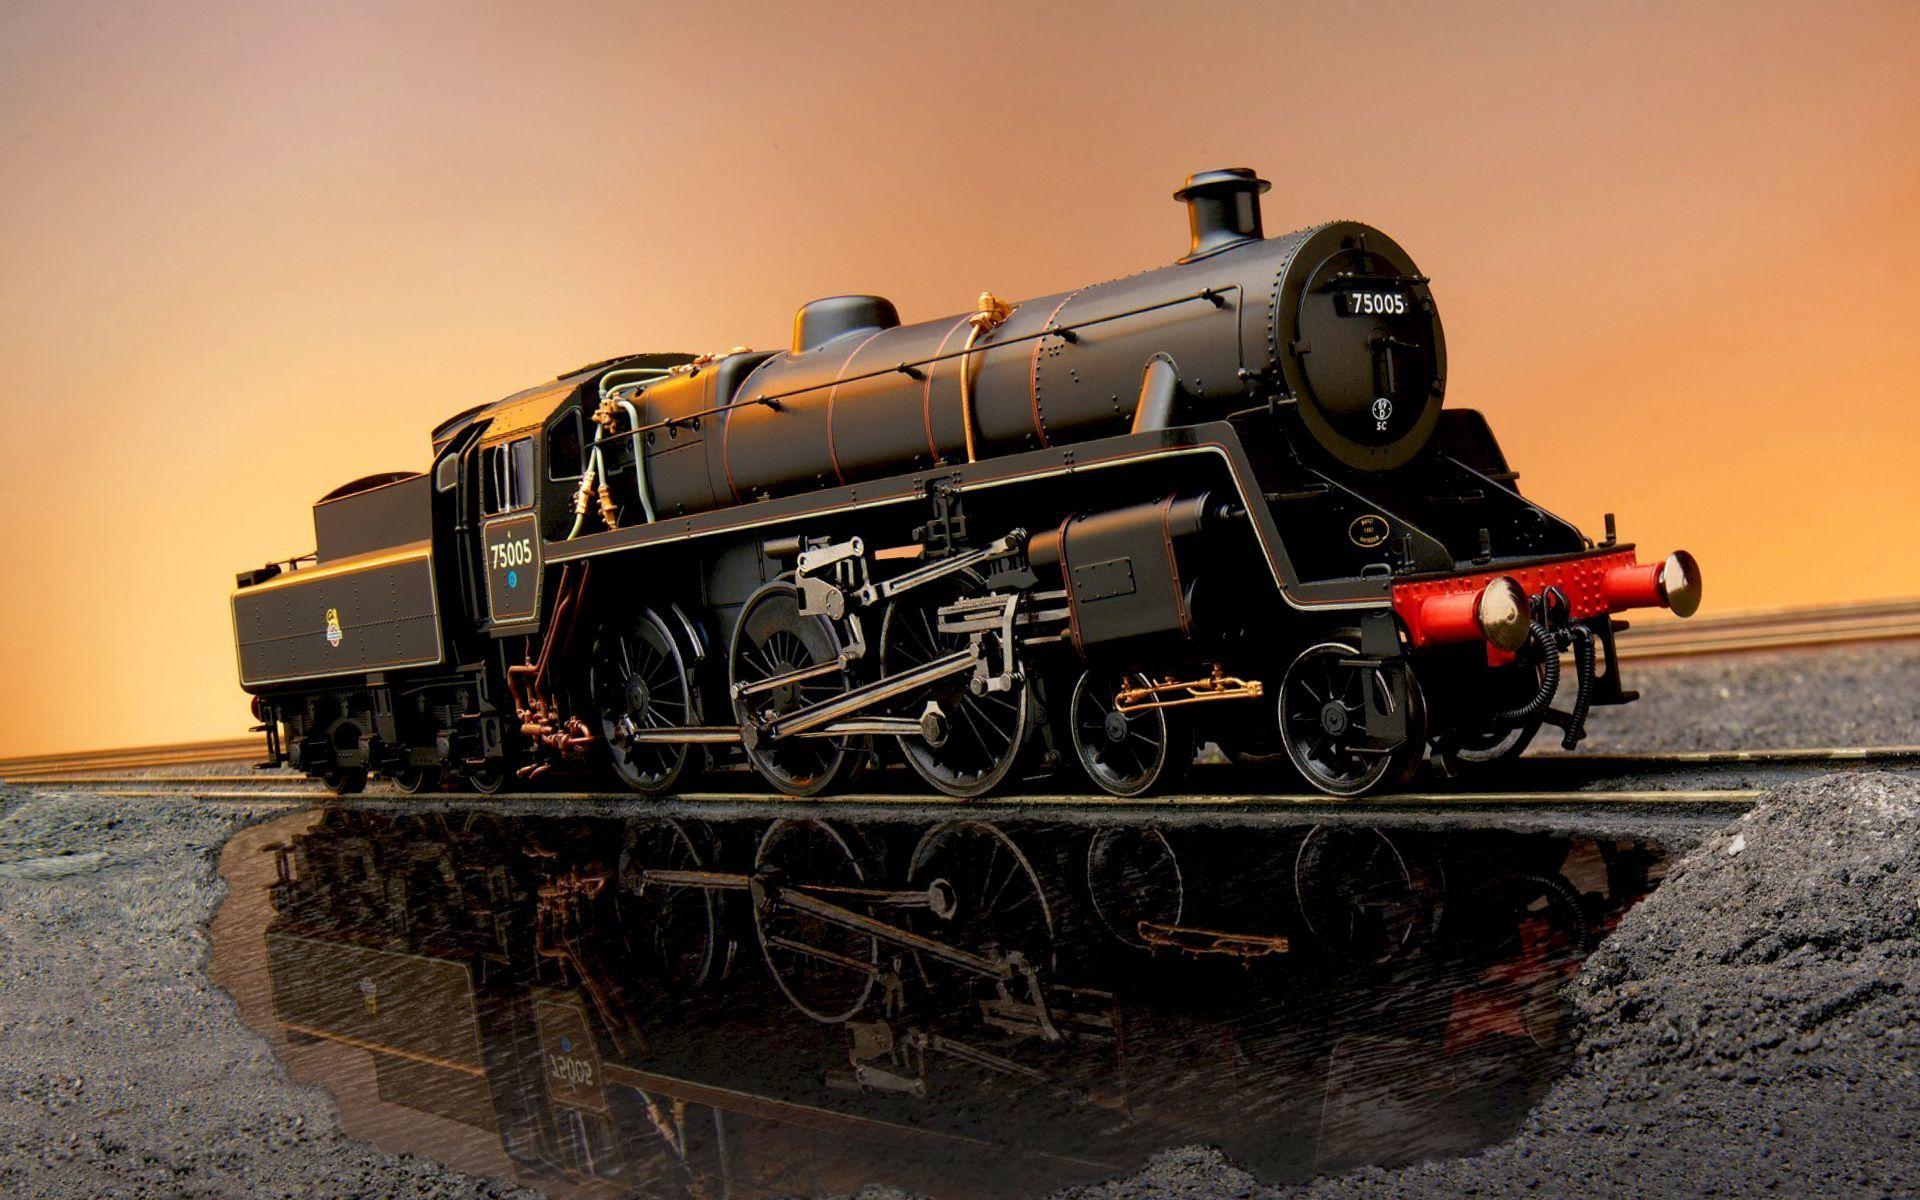 40441壁紙のダウンロード輸送, 列車-スクリーンセーバーと写真を無料で